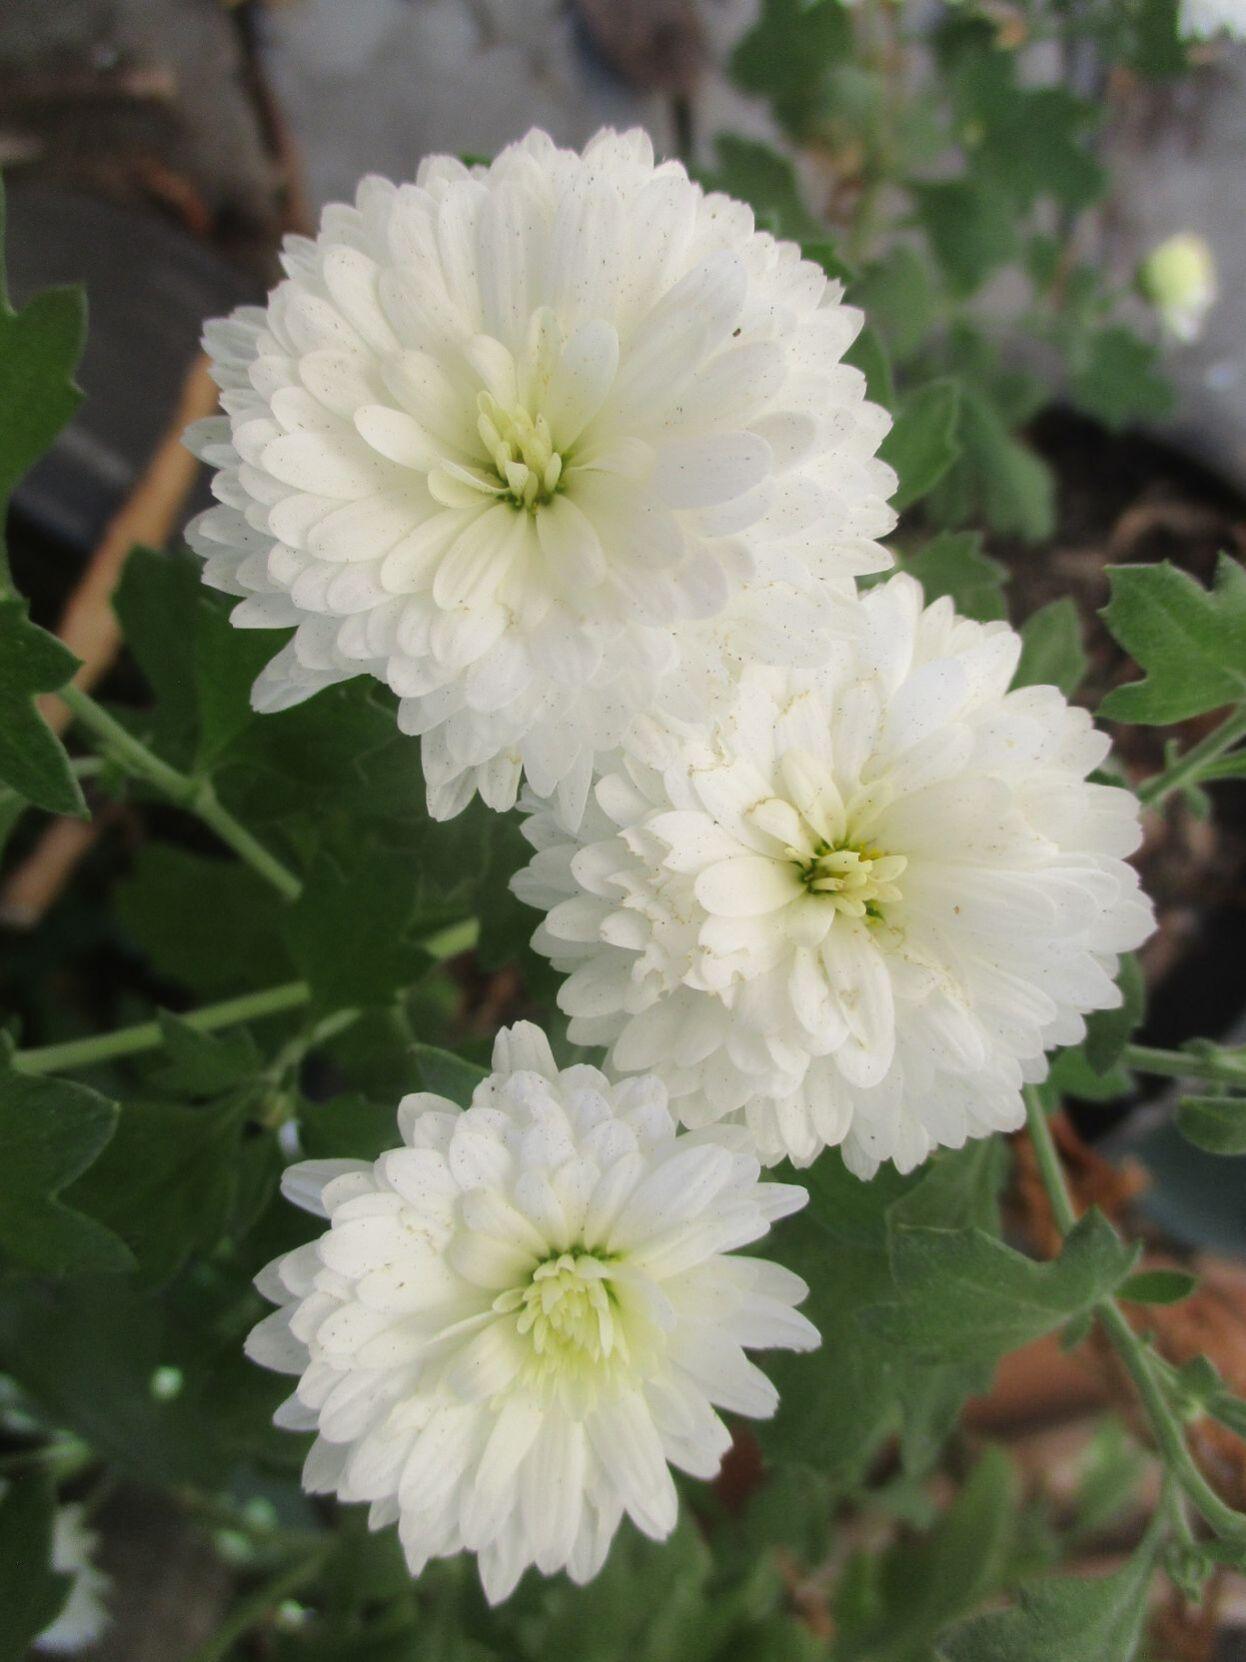 Chrysanthemums bloom between summer and winter.